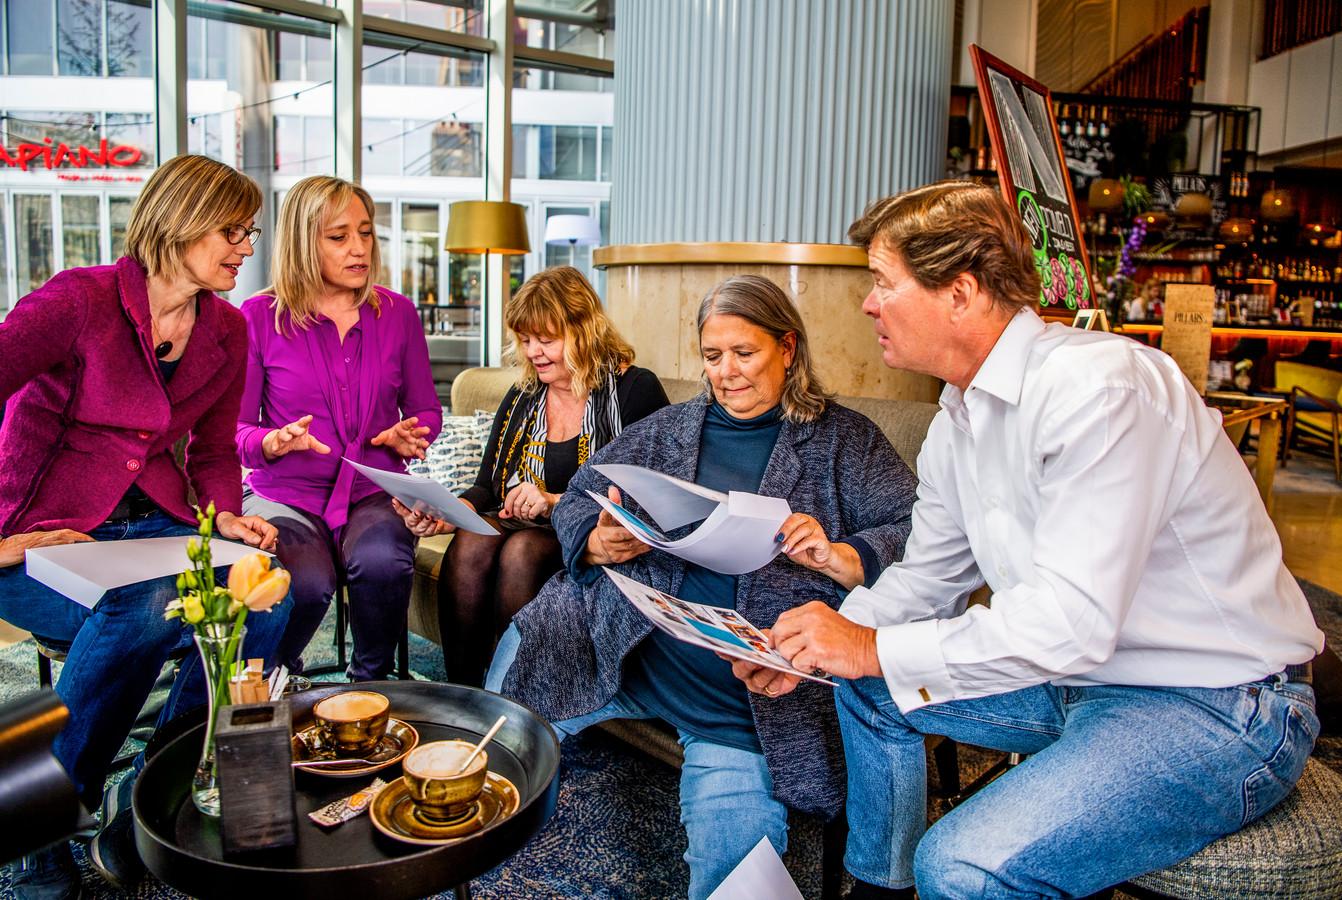 Twee Nederlandse fans (links) organiseerden een reünie voor Pippi, Annika en Tommy, om hen te bedanken voor vijftig jaar kijkplezier.